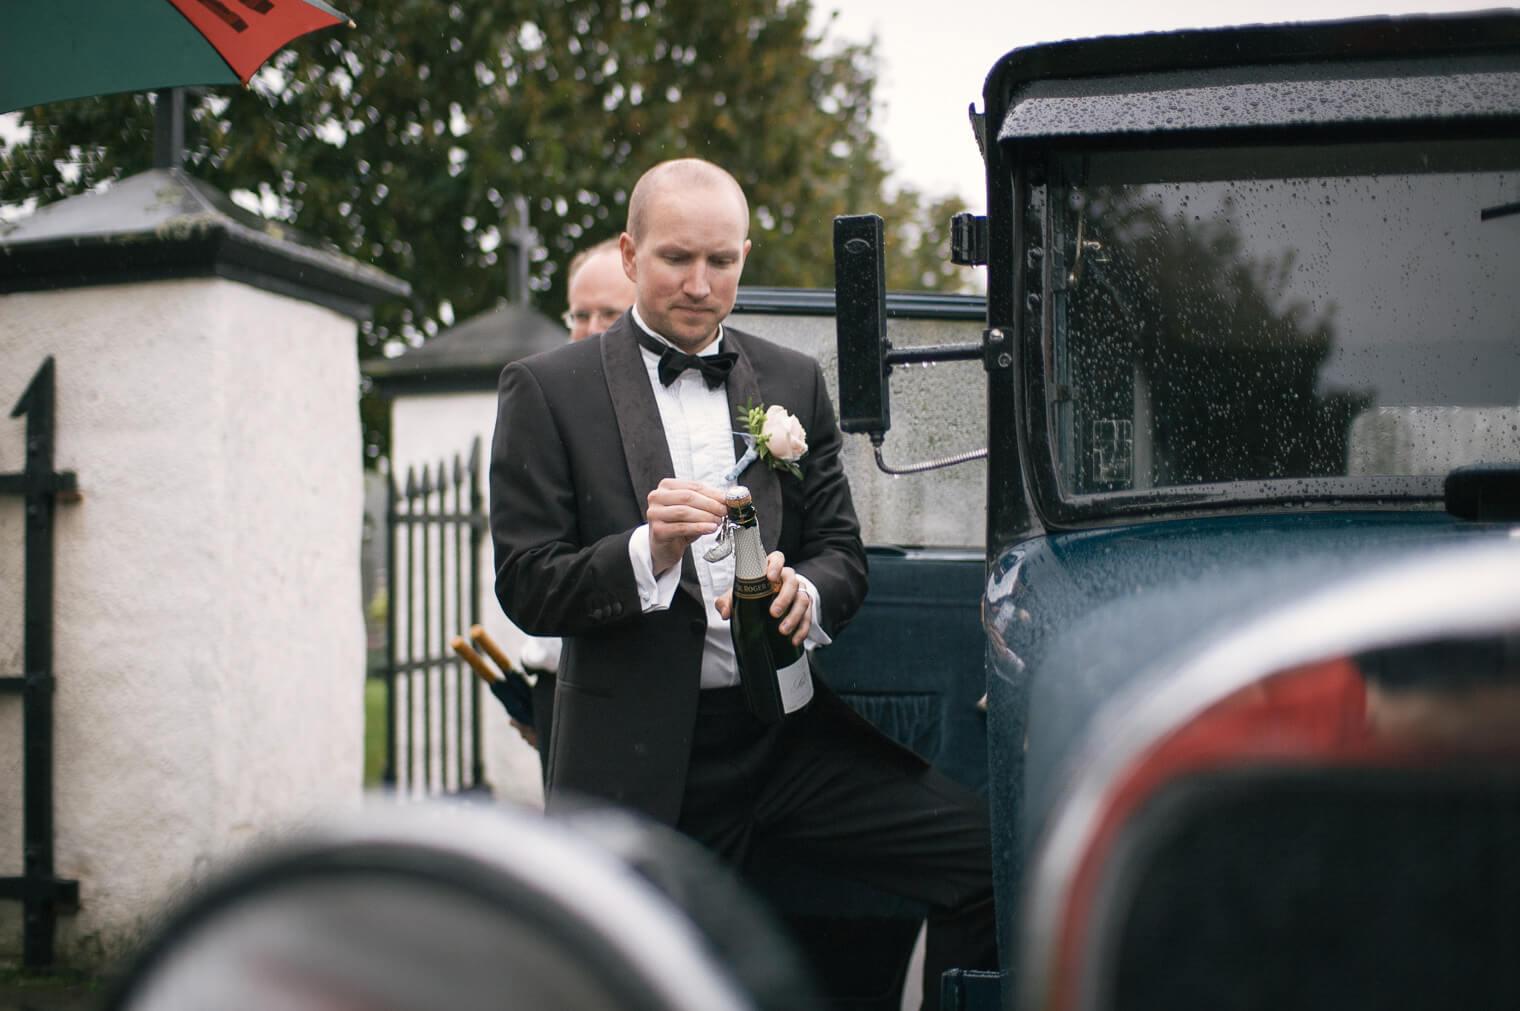 016-brudgum-oppnar-champagne.jpg